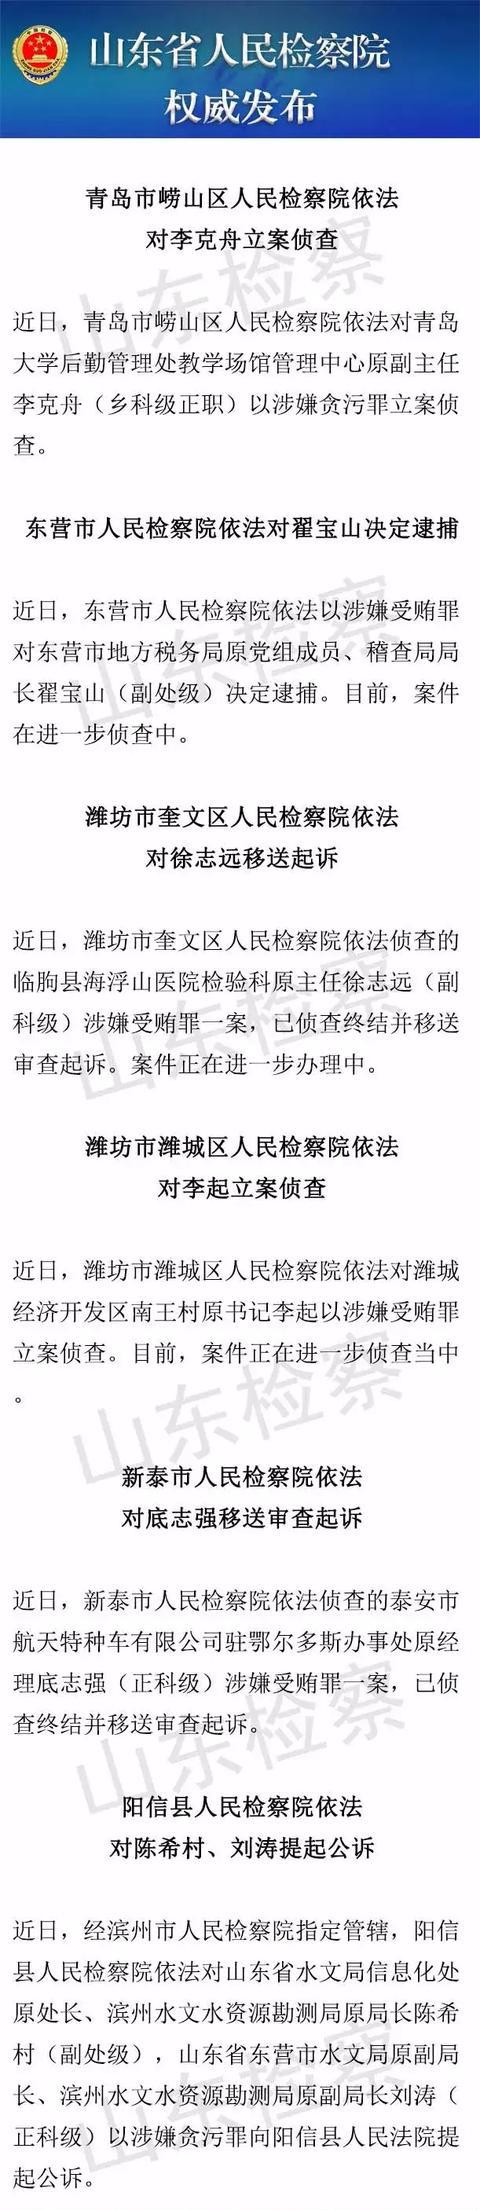 山东省人民检察院.jpg